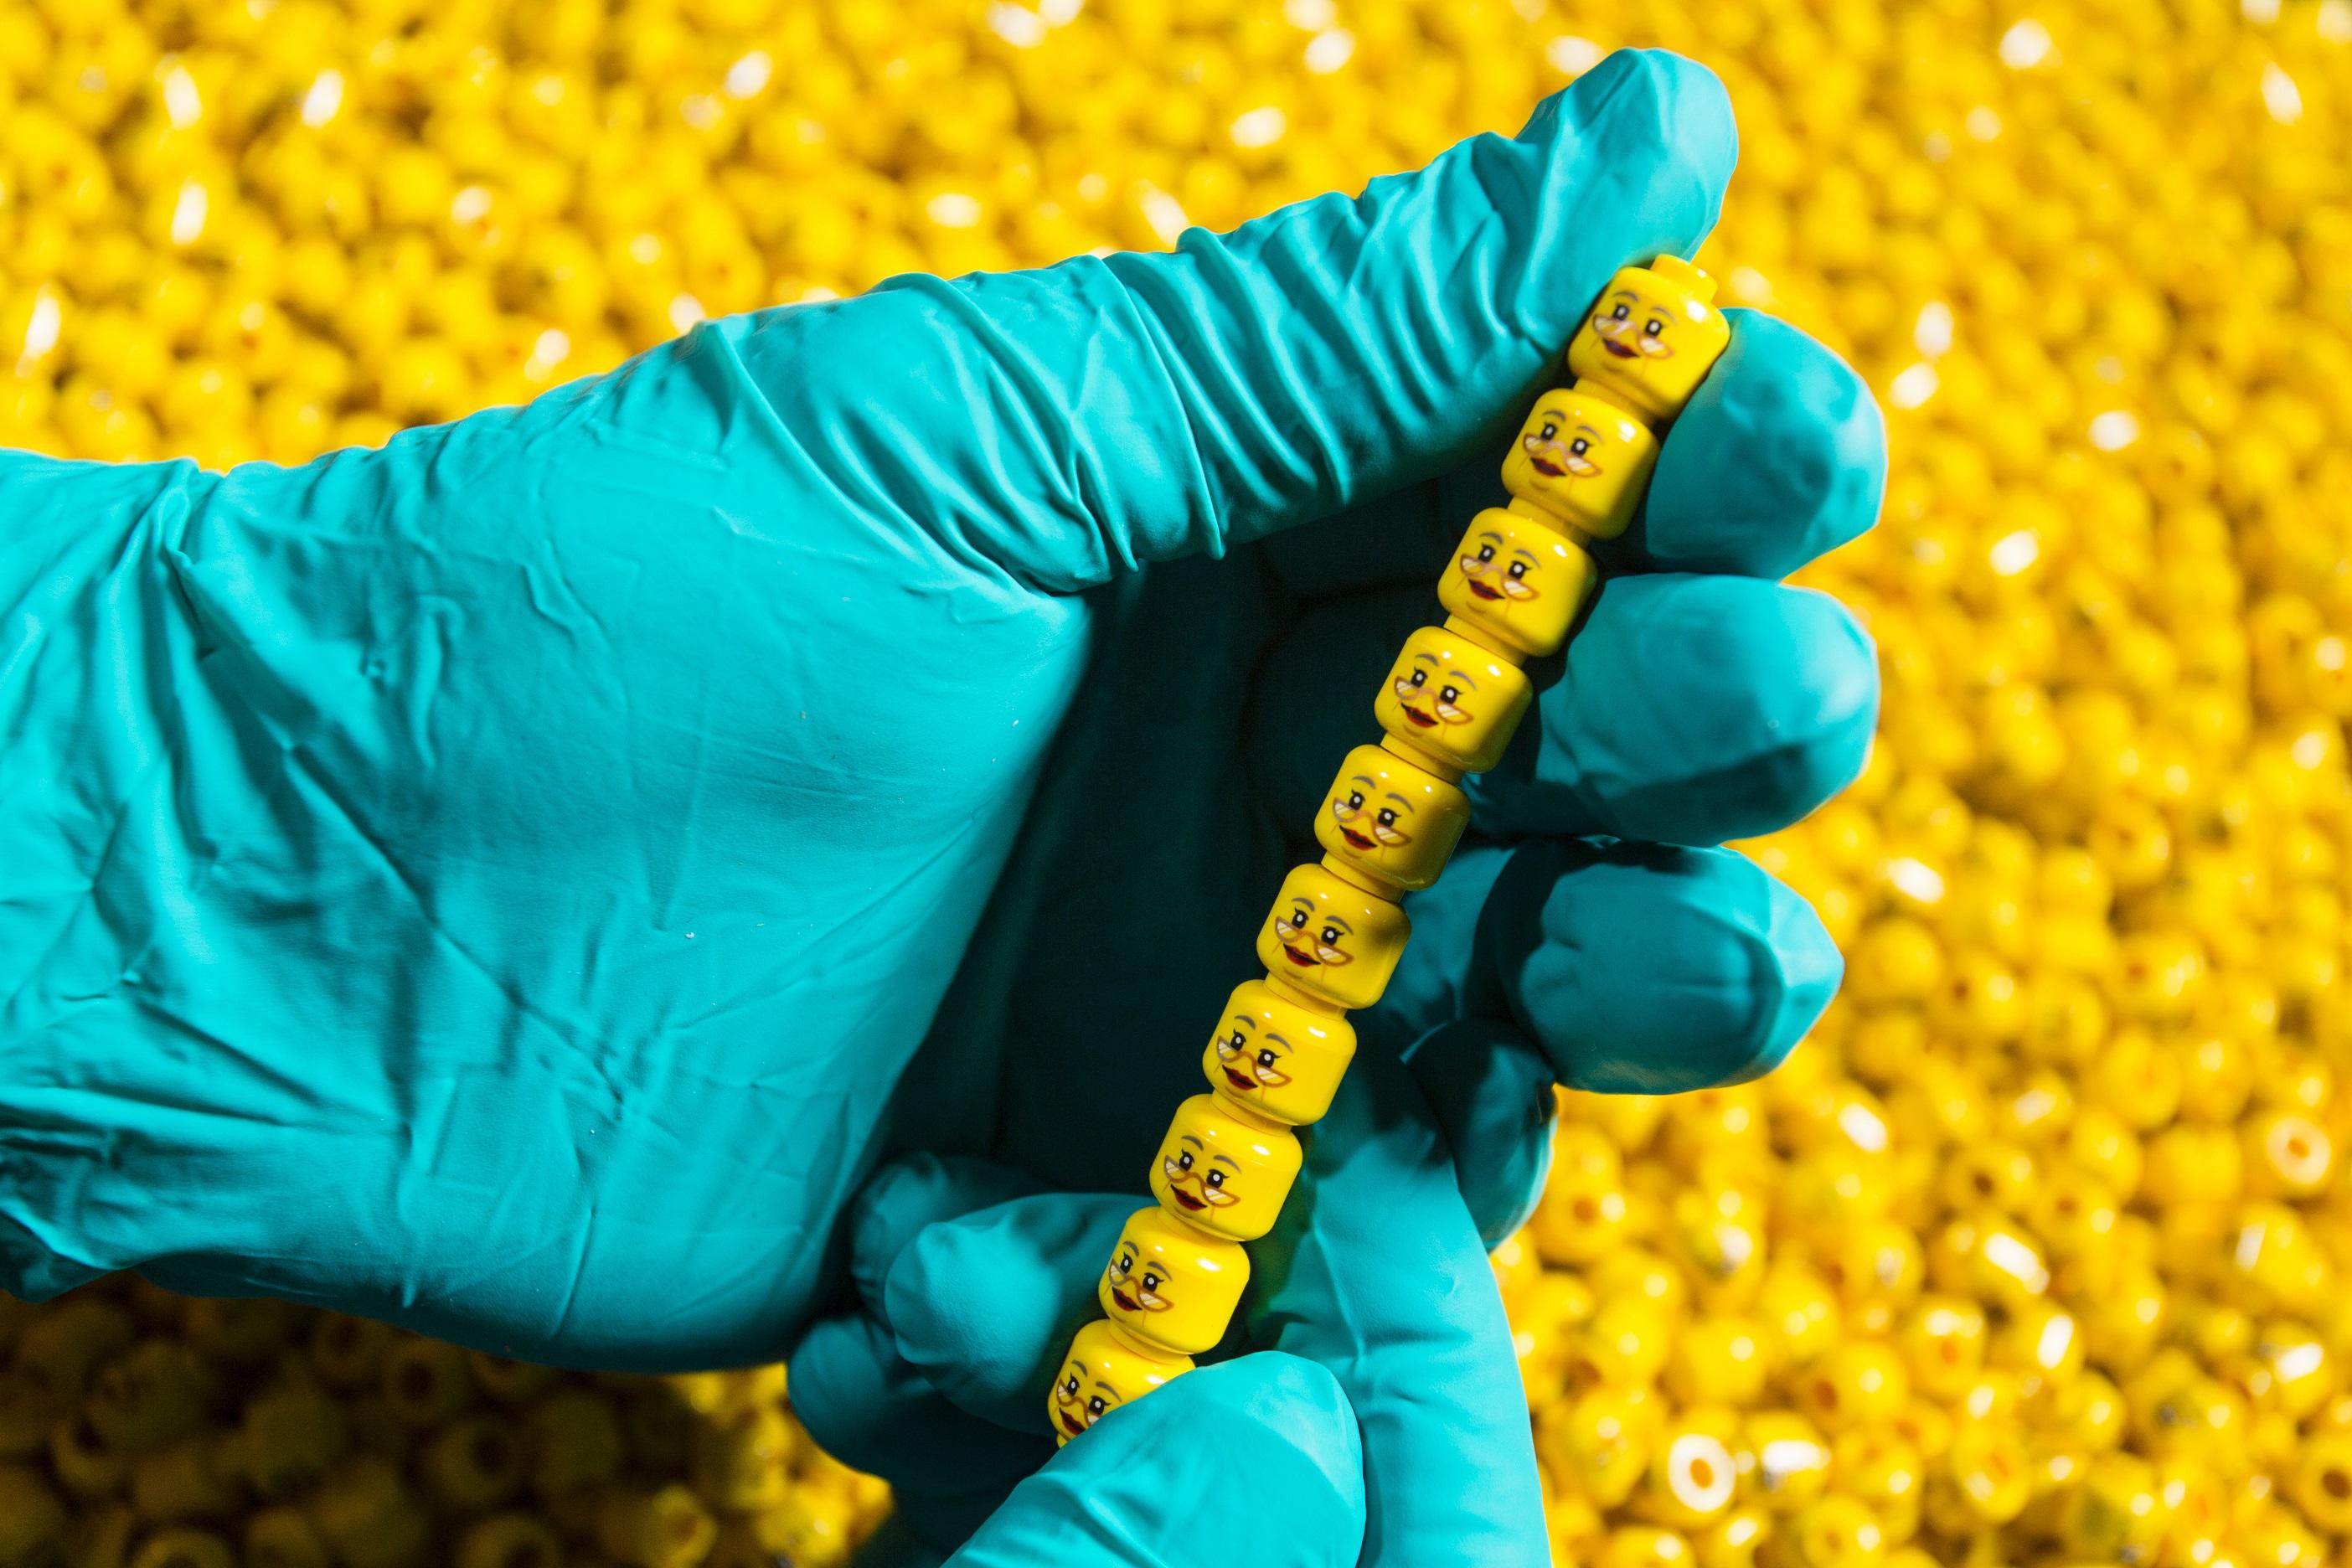 fot. materiały prasowe Fabryka LEGO